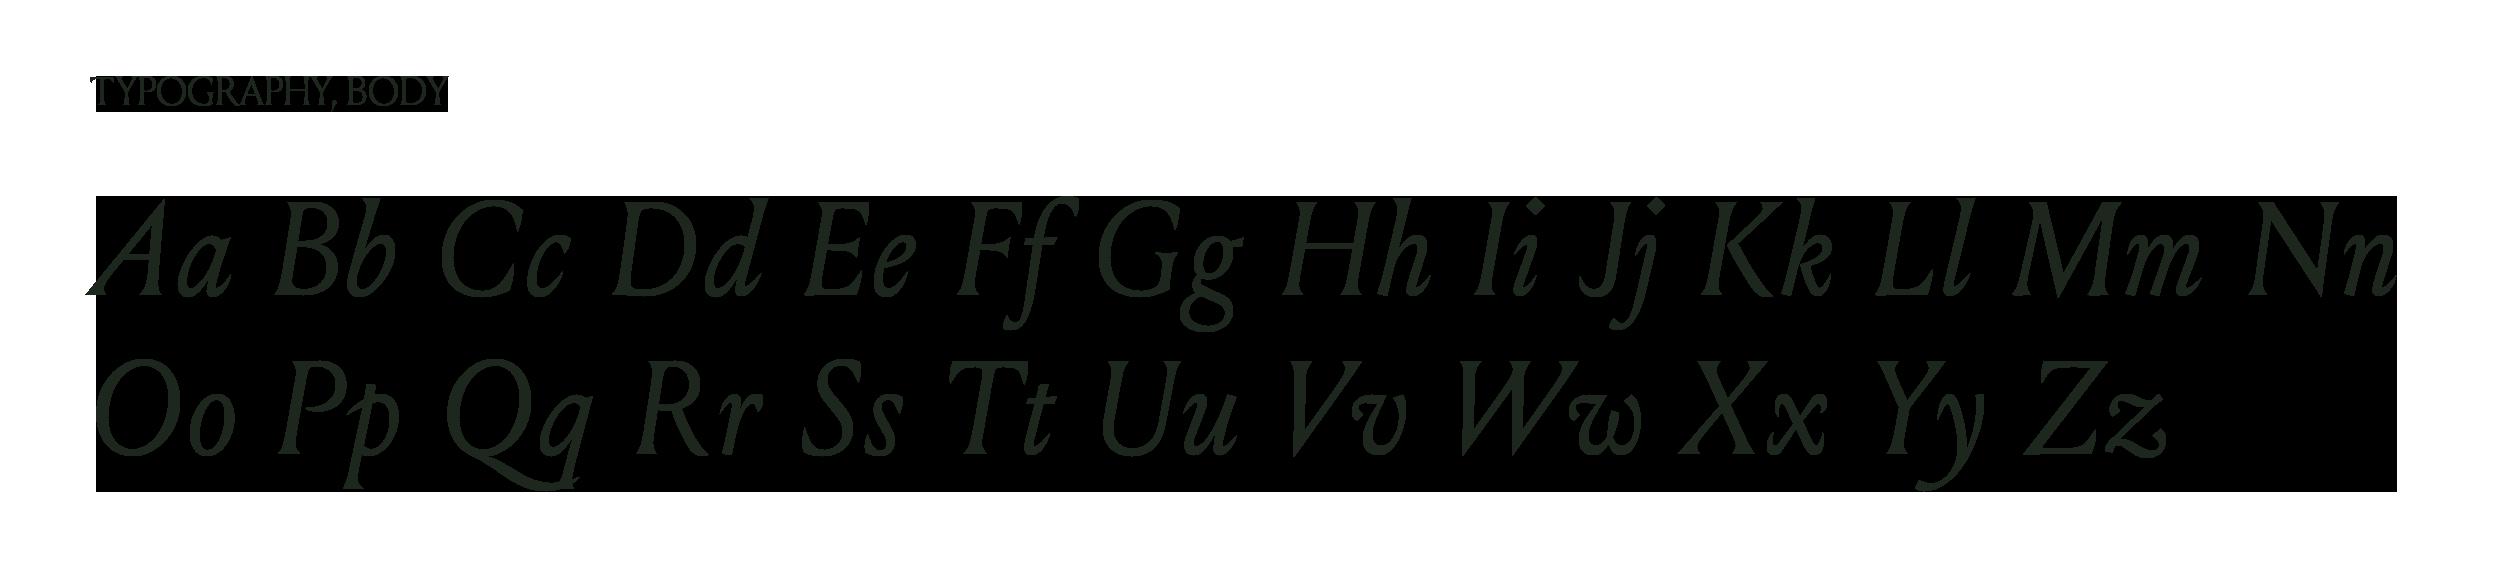 LogoType_05.png